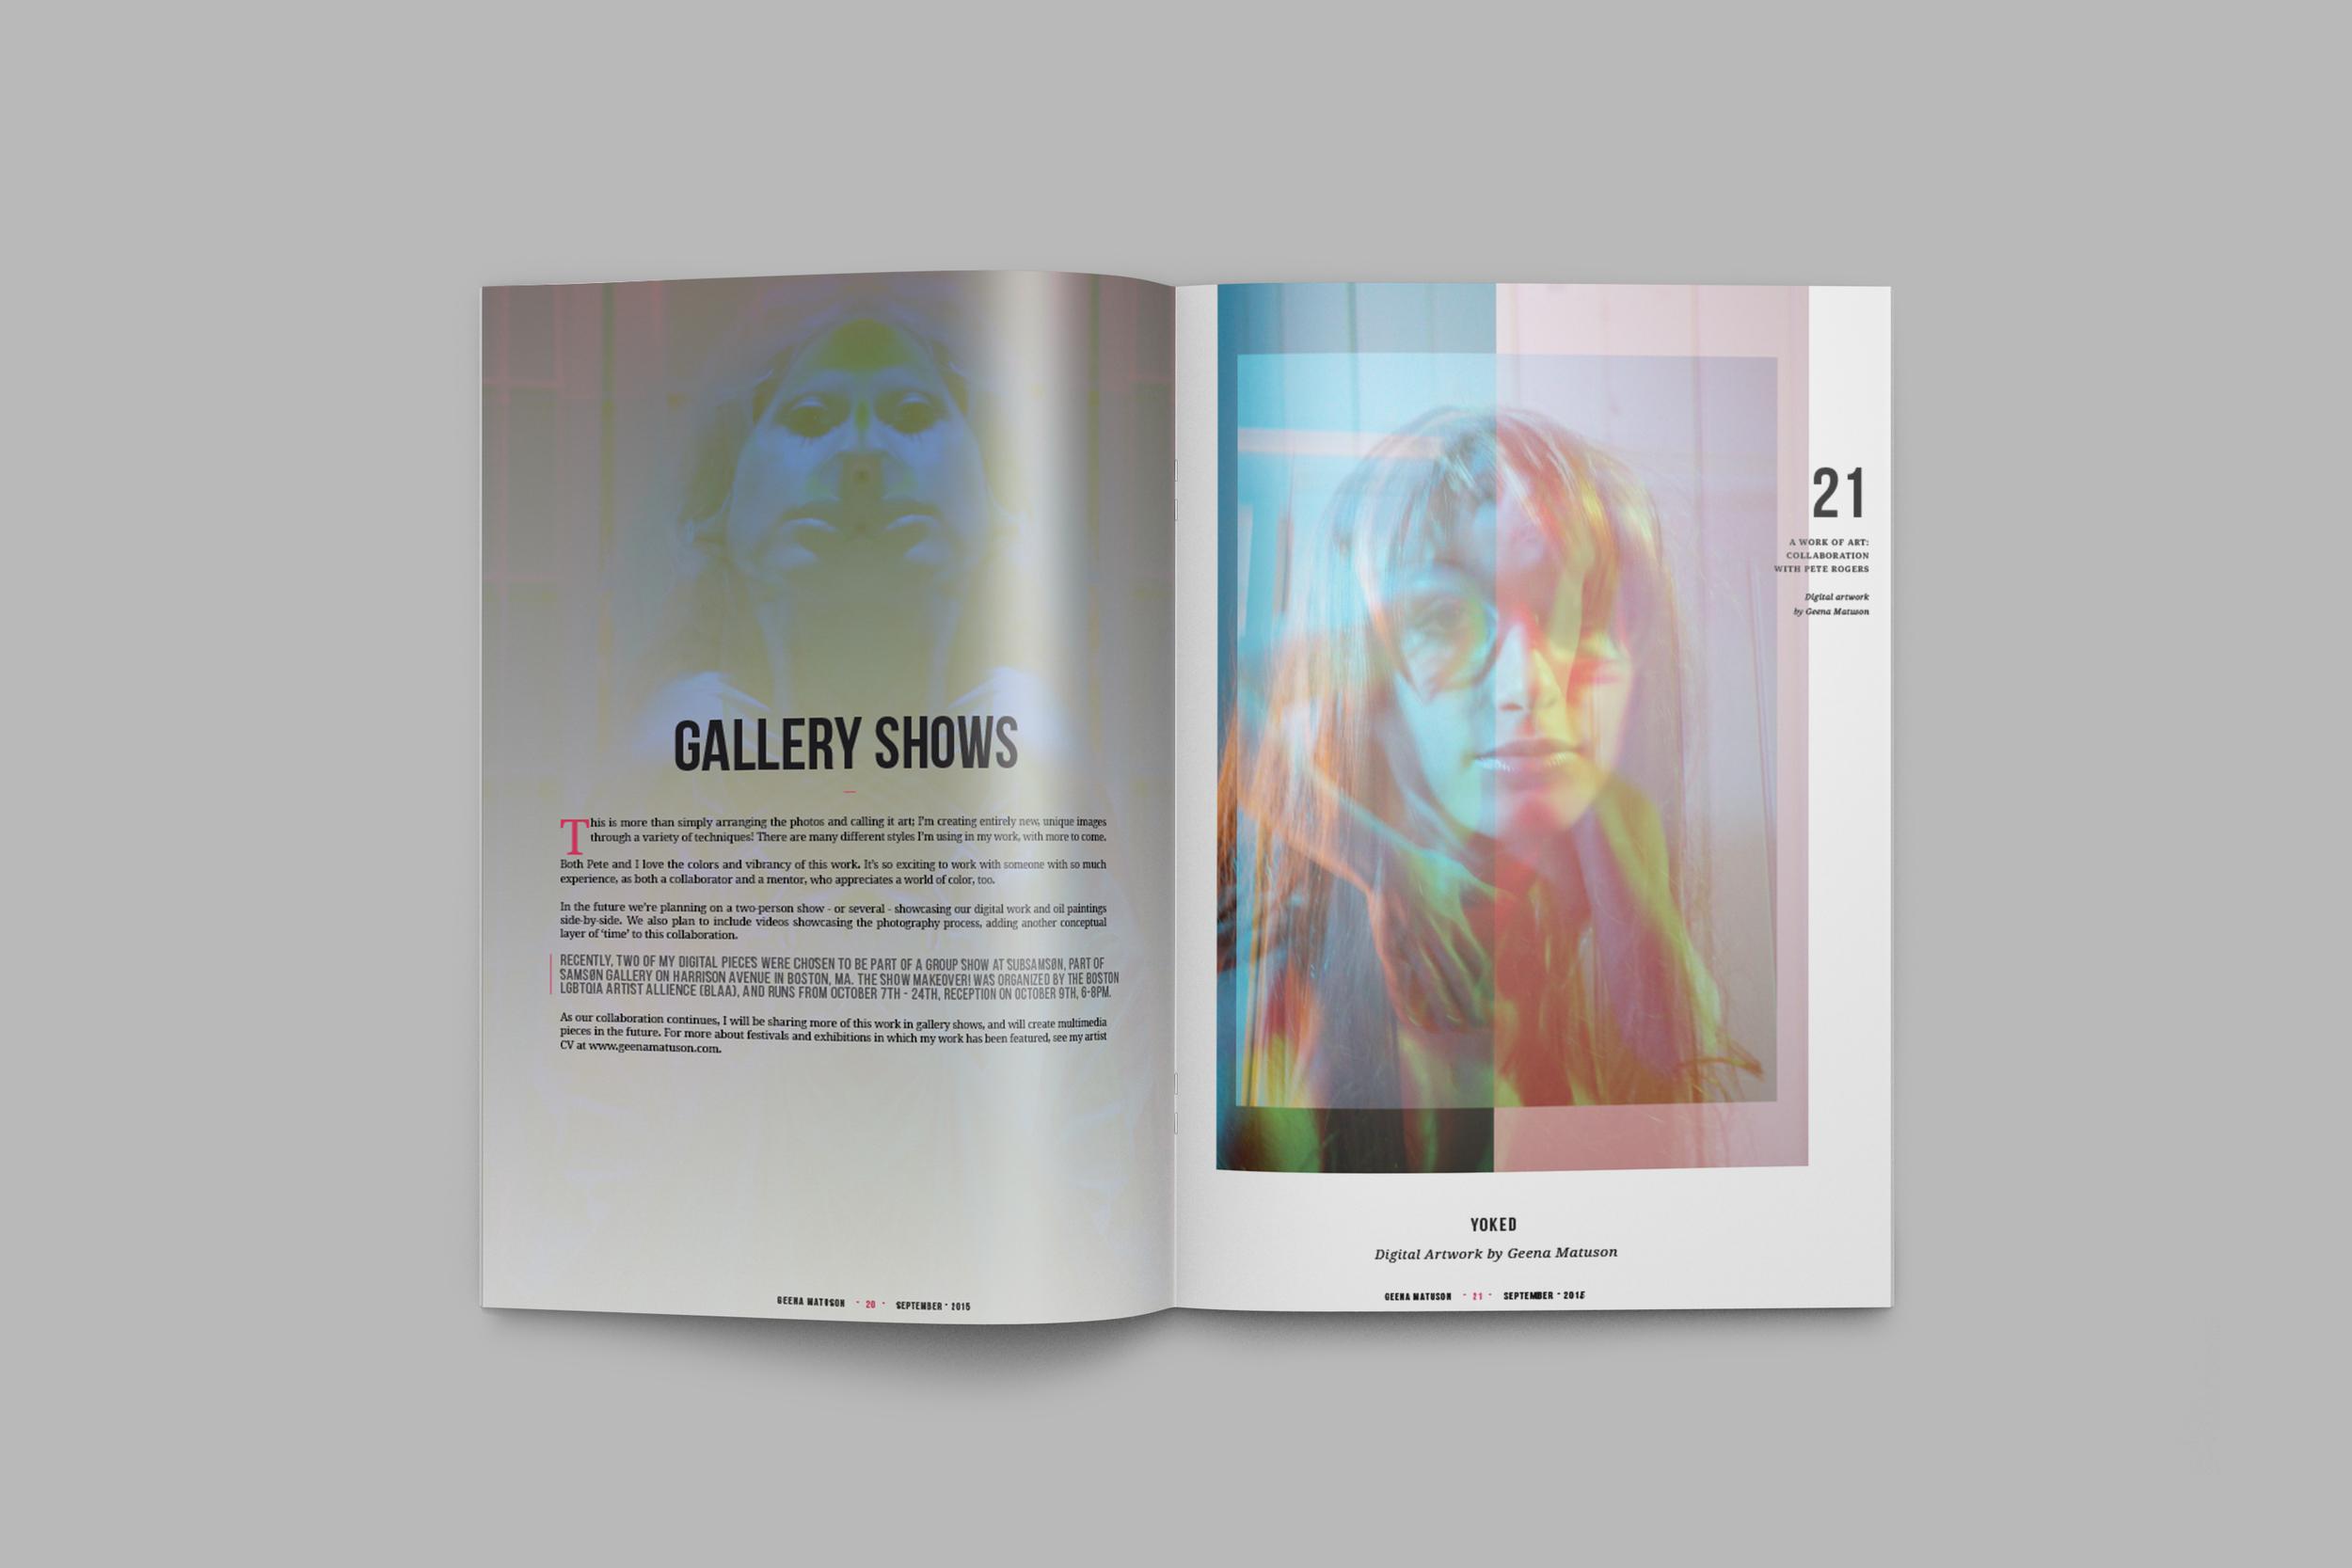 GeenaMatuson_Magazine_Sept2015_Pages_20-21.jpg